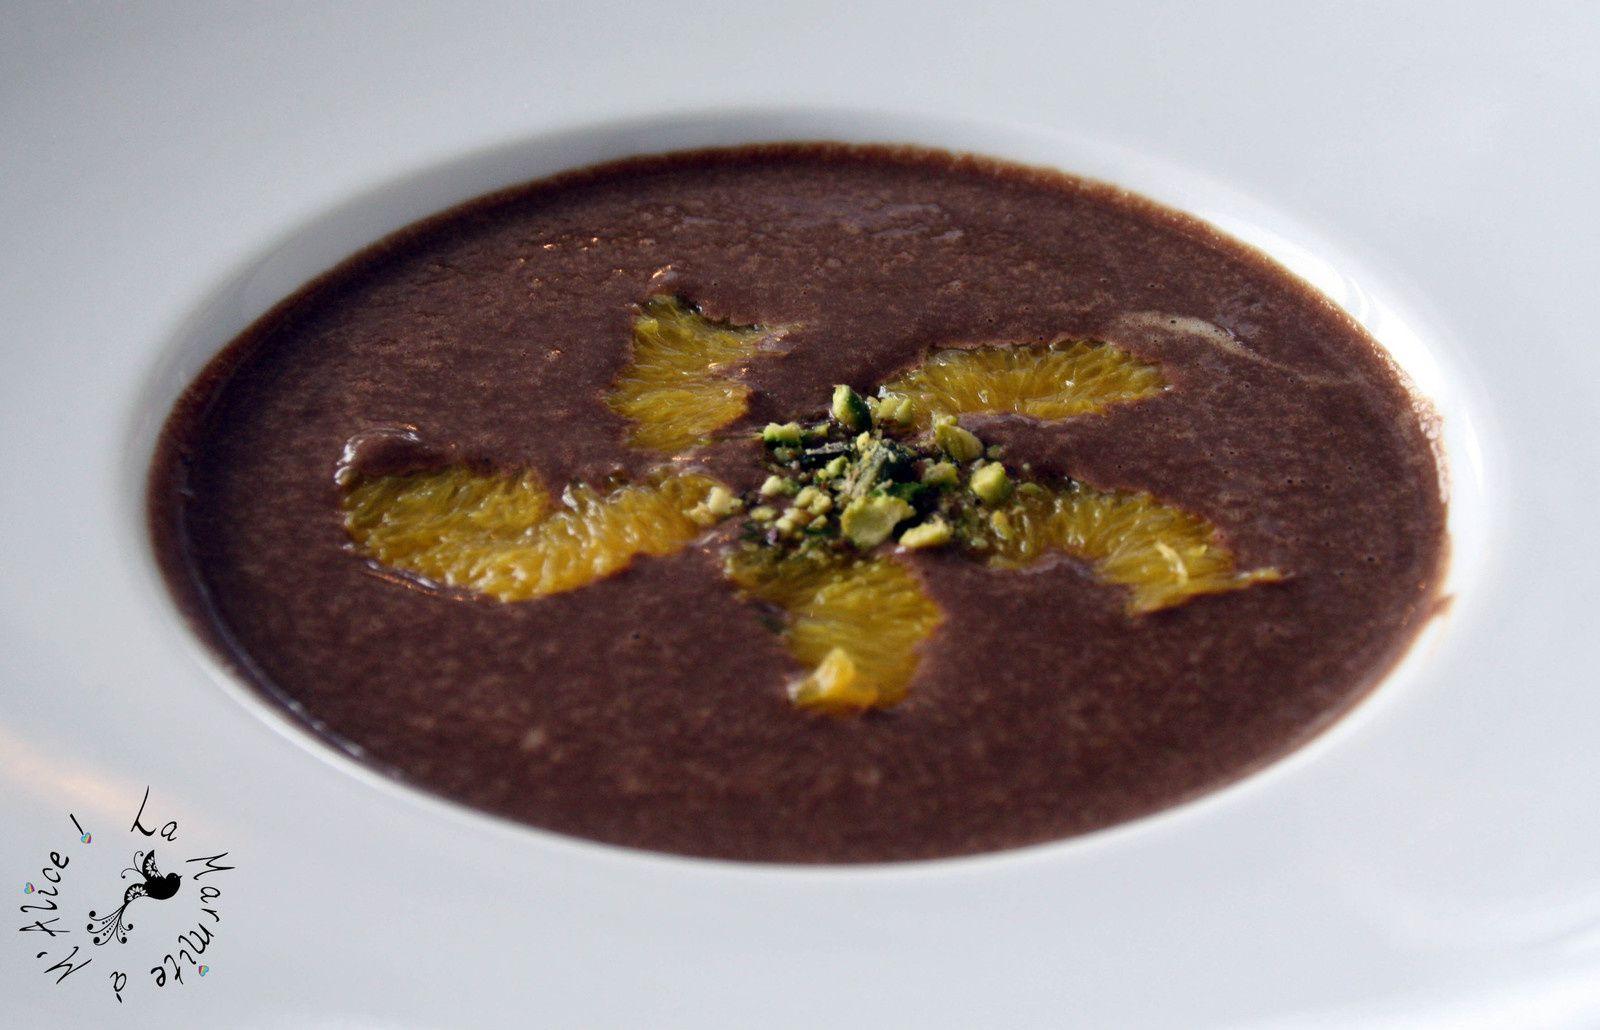 Soupe de chocolat et pistaches, segments d'orange